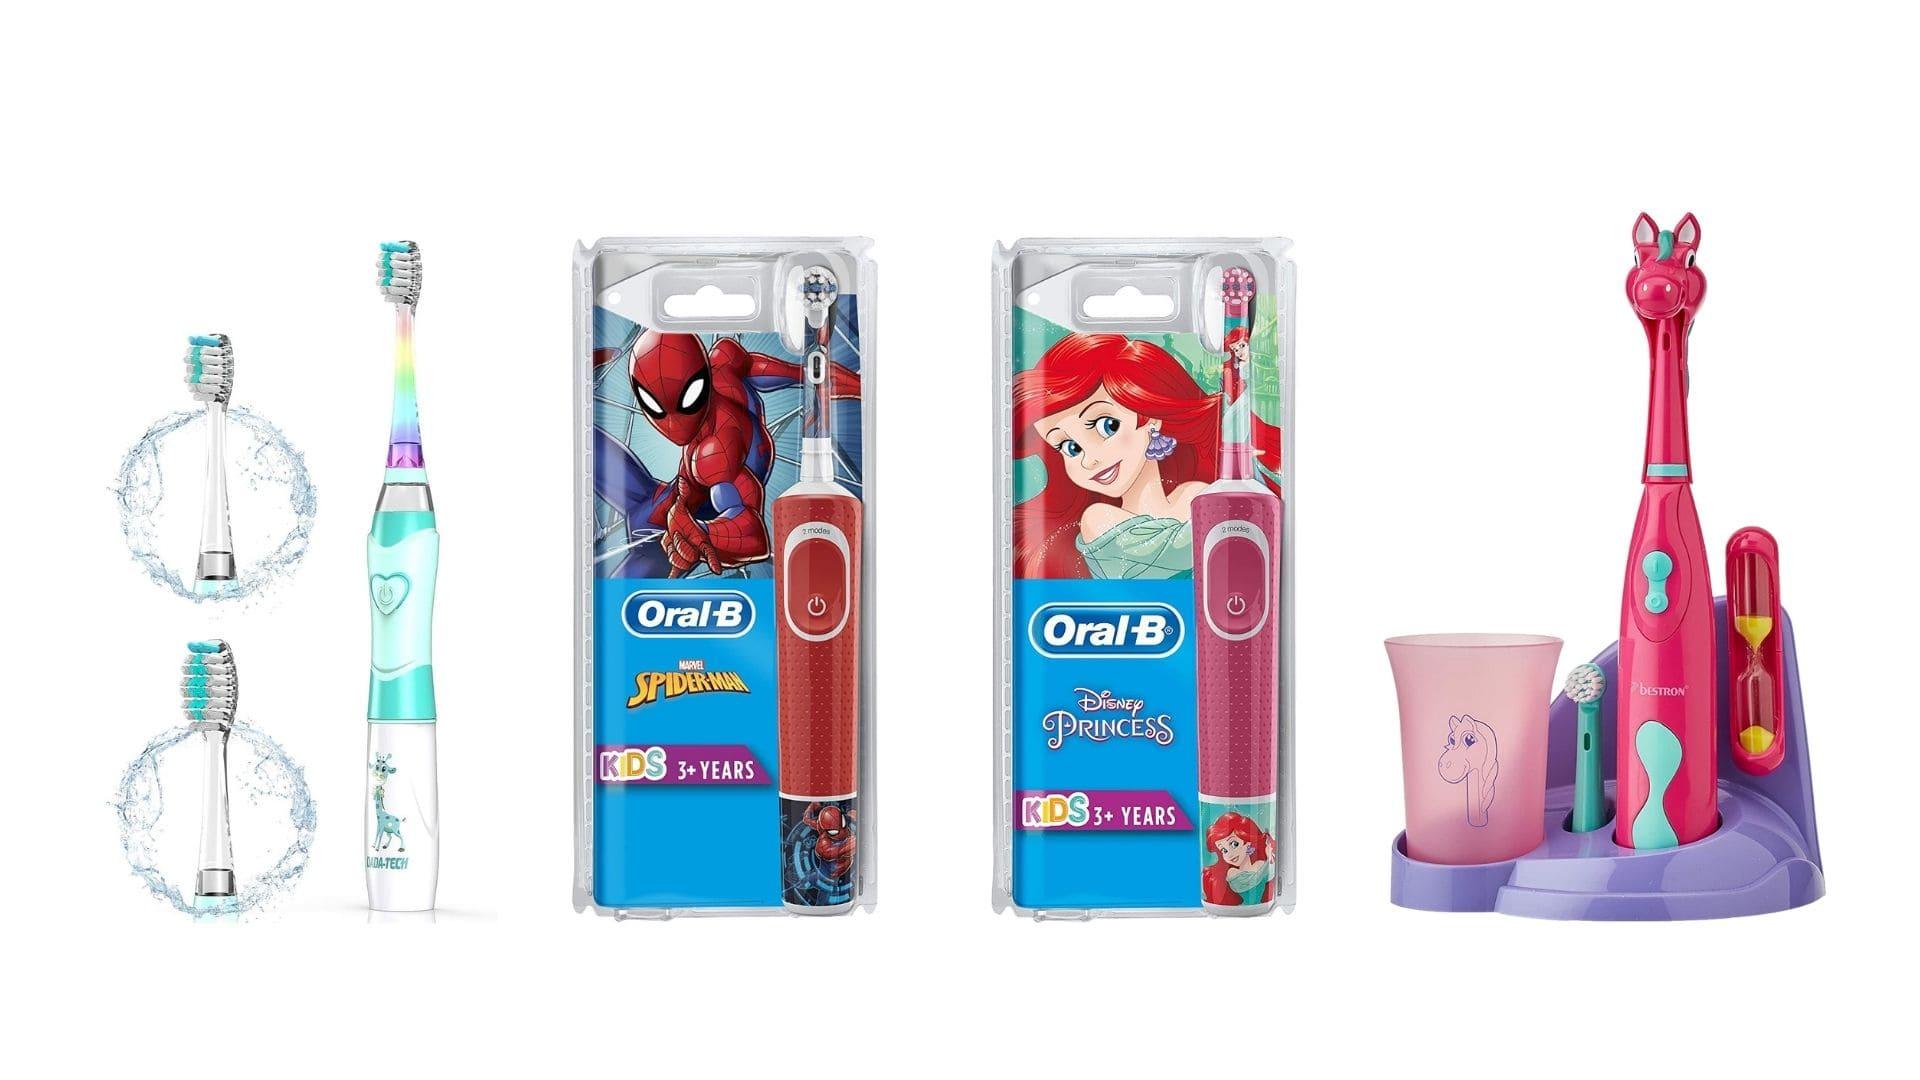 miglior-spazzolino-elettrico-per-bambini